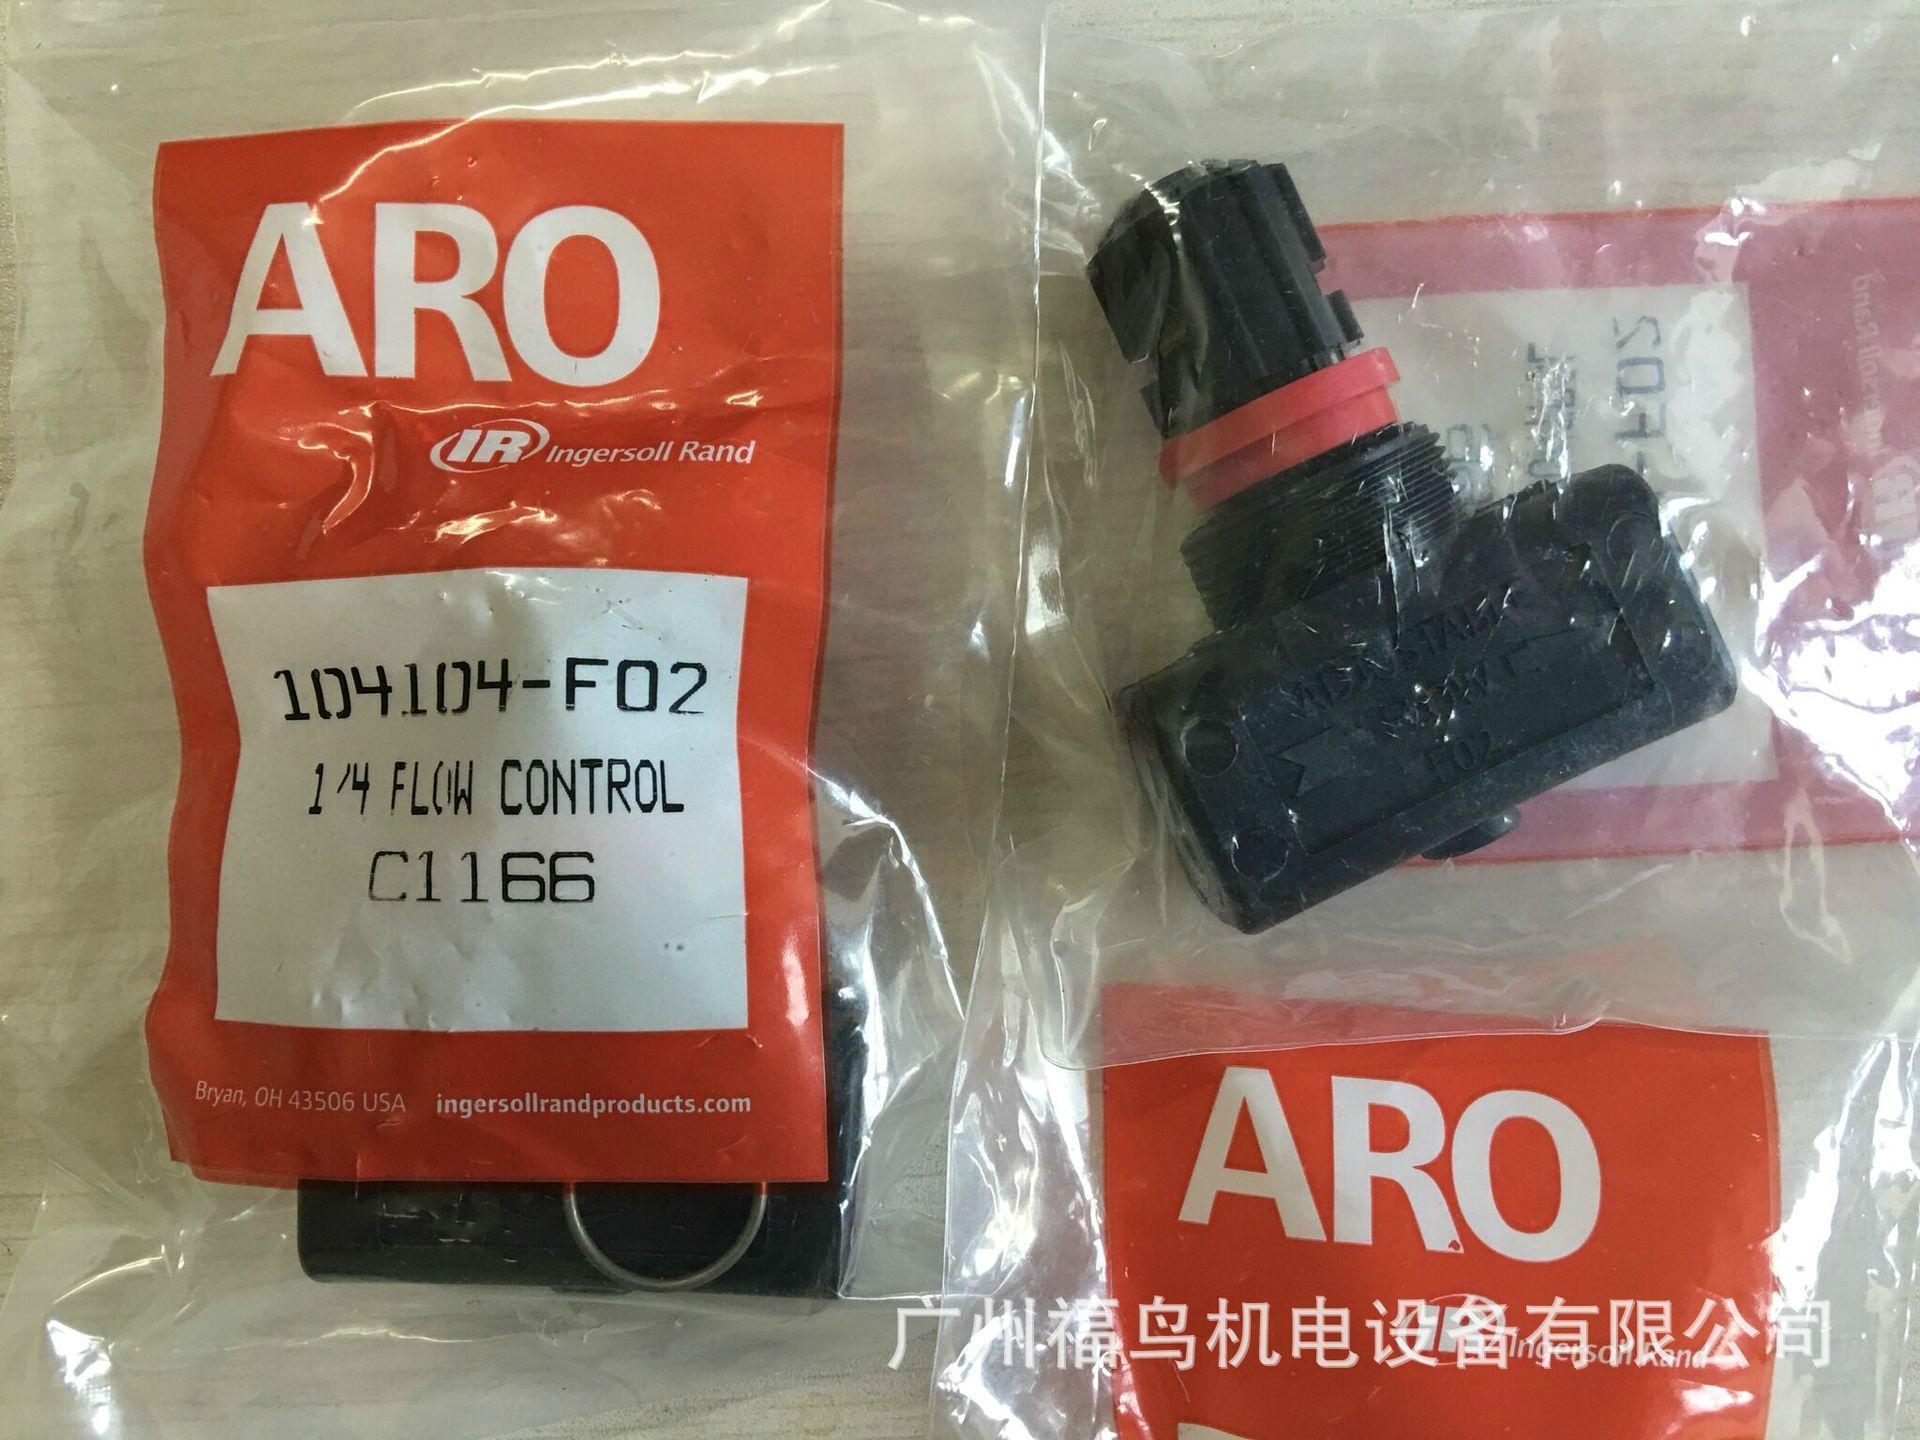 ARO 流量控制閥, 型號: 104104-F02